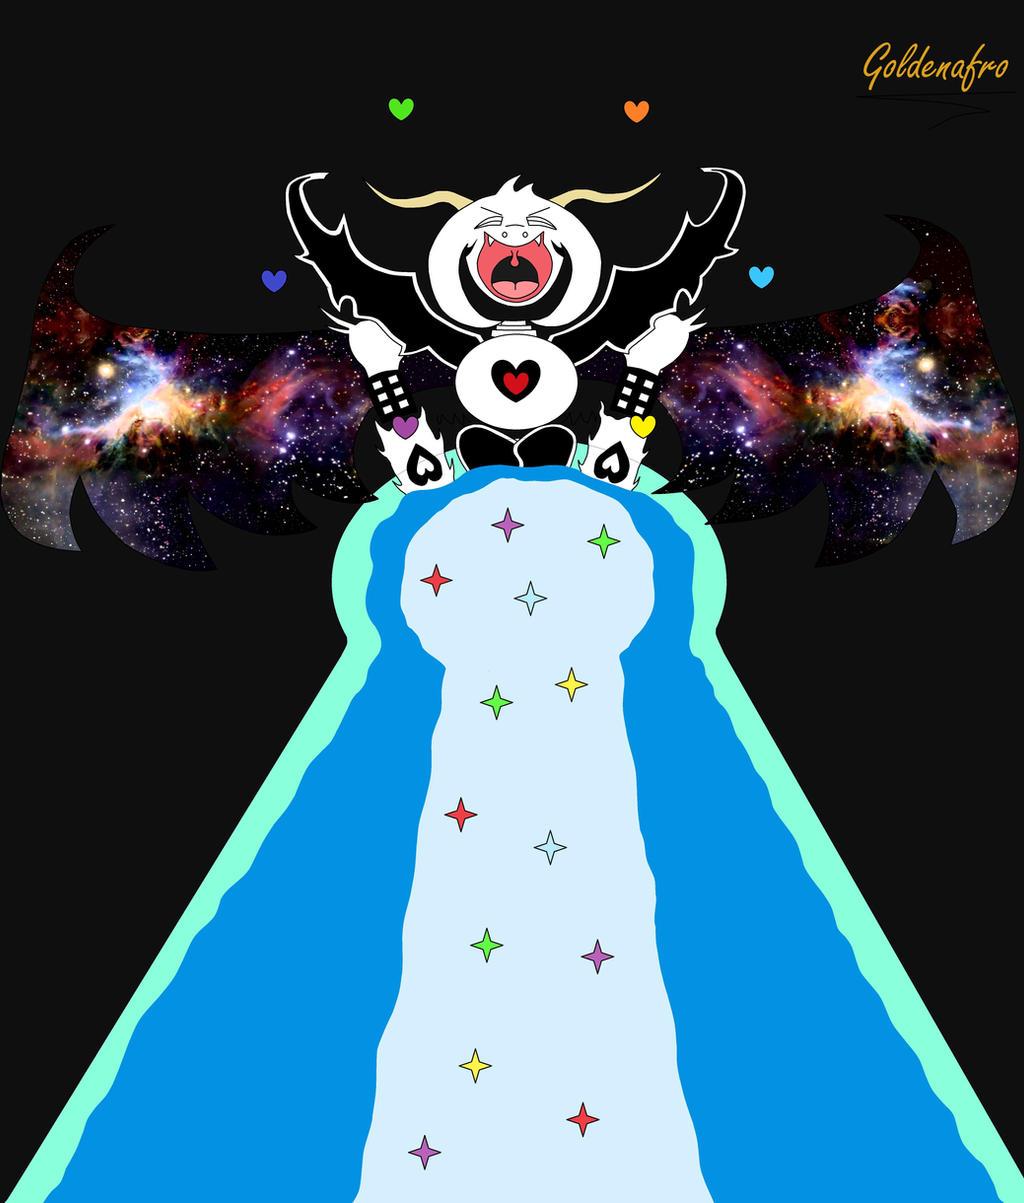 (Undertale) Asriel Dreemurr (colored) By Goldenafro On